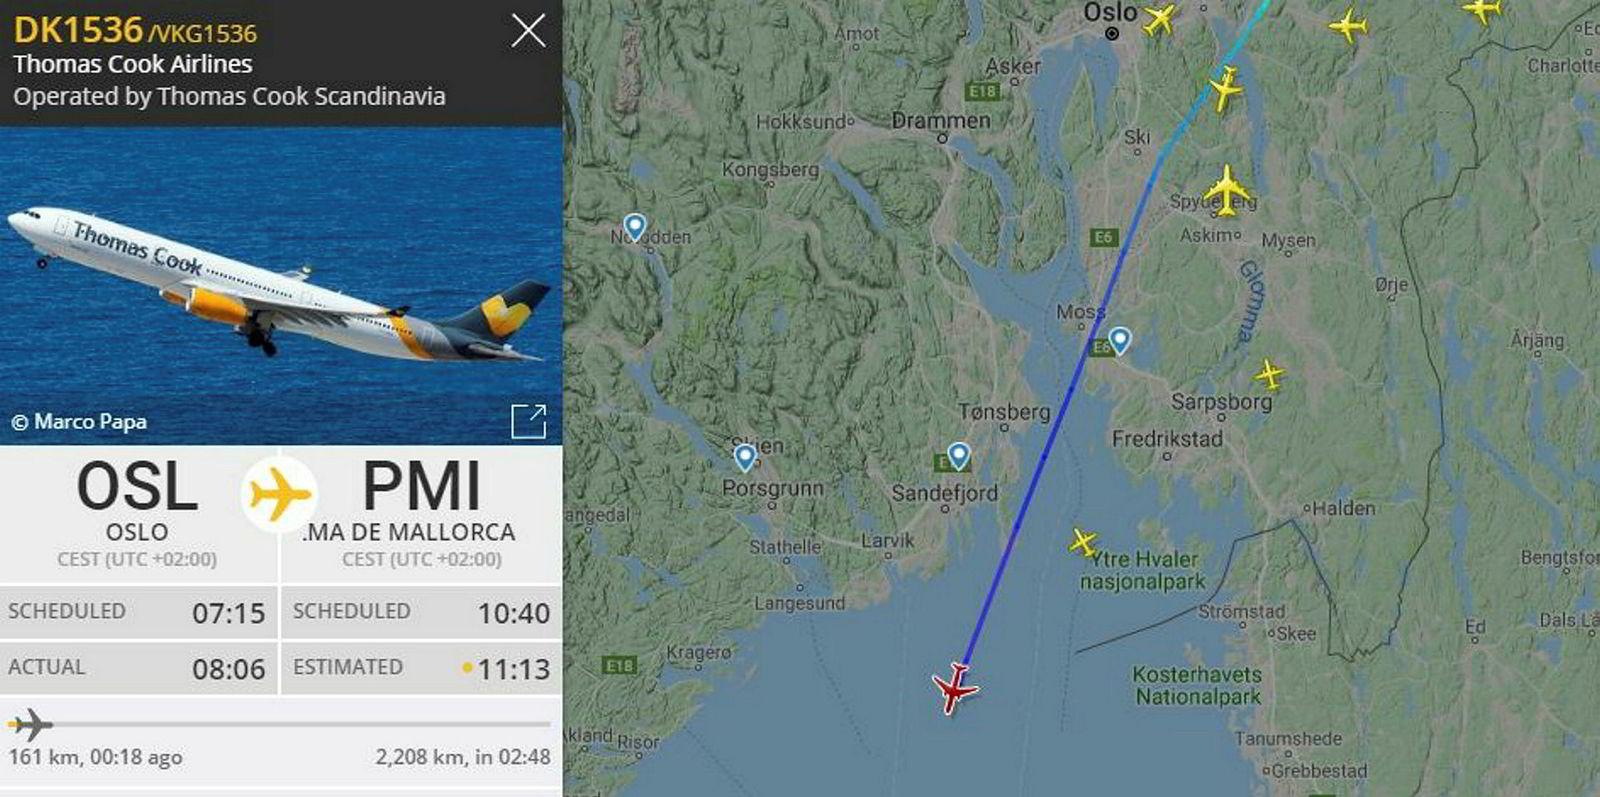 – Thomas Cook Airlines Skandinavia driver videre med oss. Vi flyr deres fly, skriver informasjonssjef for Ving i Norge, Siri Røhr-Staff, i en sms til DN tirsdag.